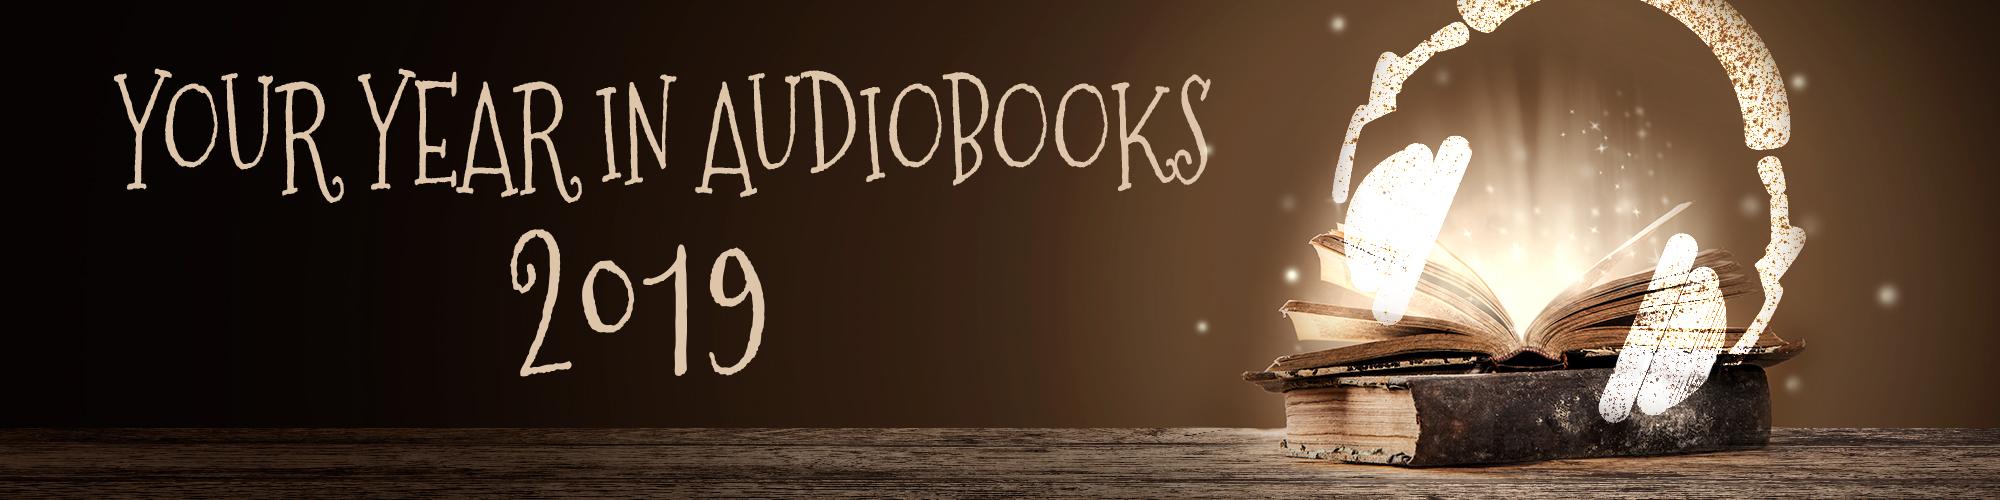 Your 2019 Audiobook Journey